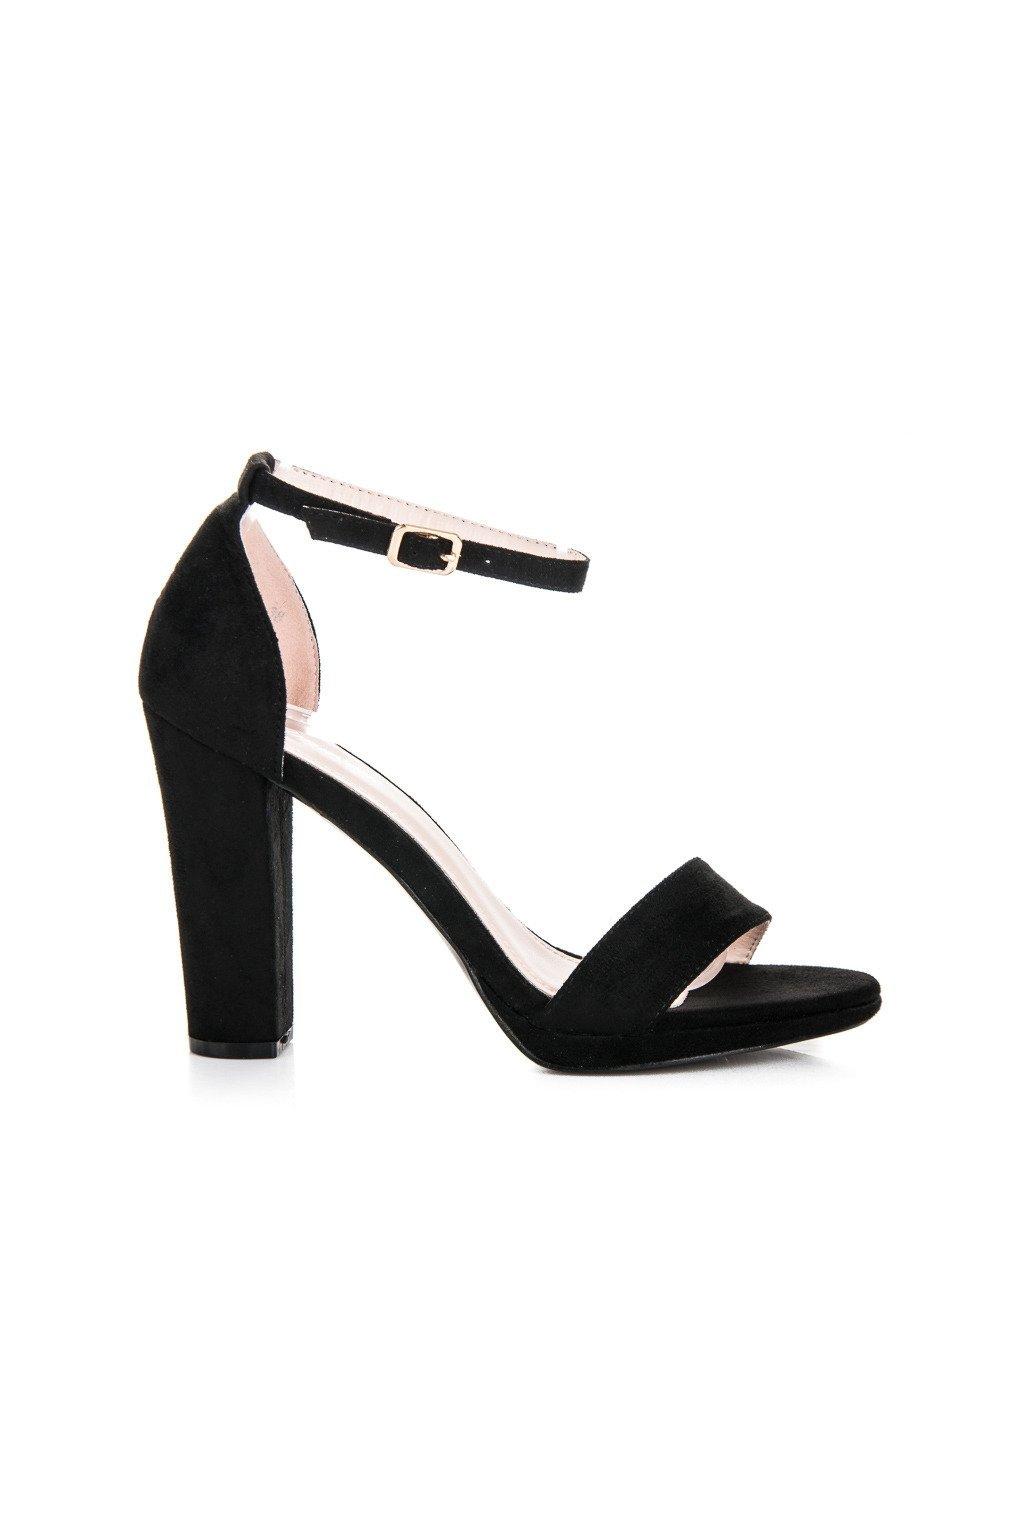 Sandále na vysokom podpätku čierne A05B b15533cb722